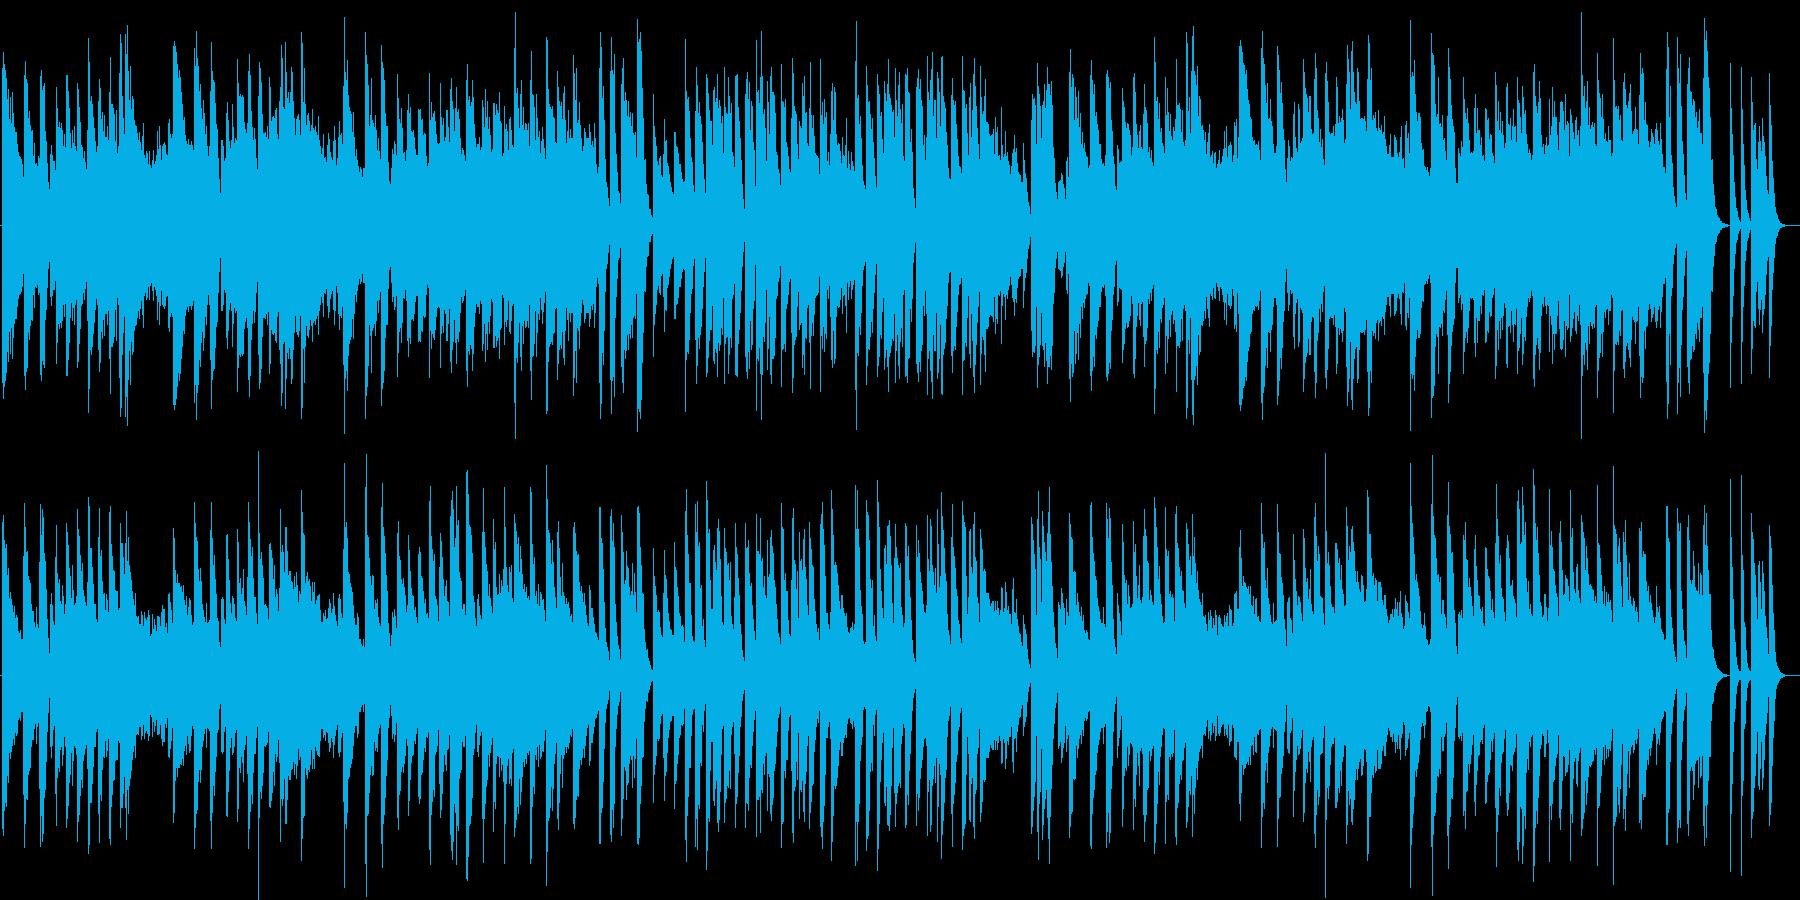 昭和歌謡の切なくて甘酸っぱいピアノBGMの再生済みの波形